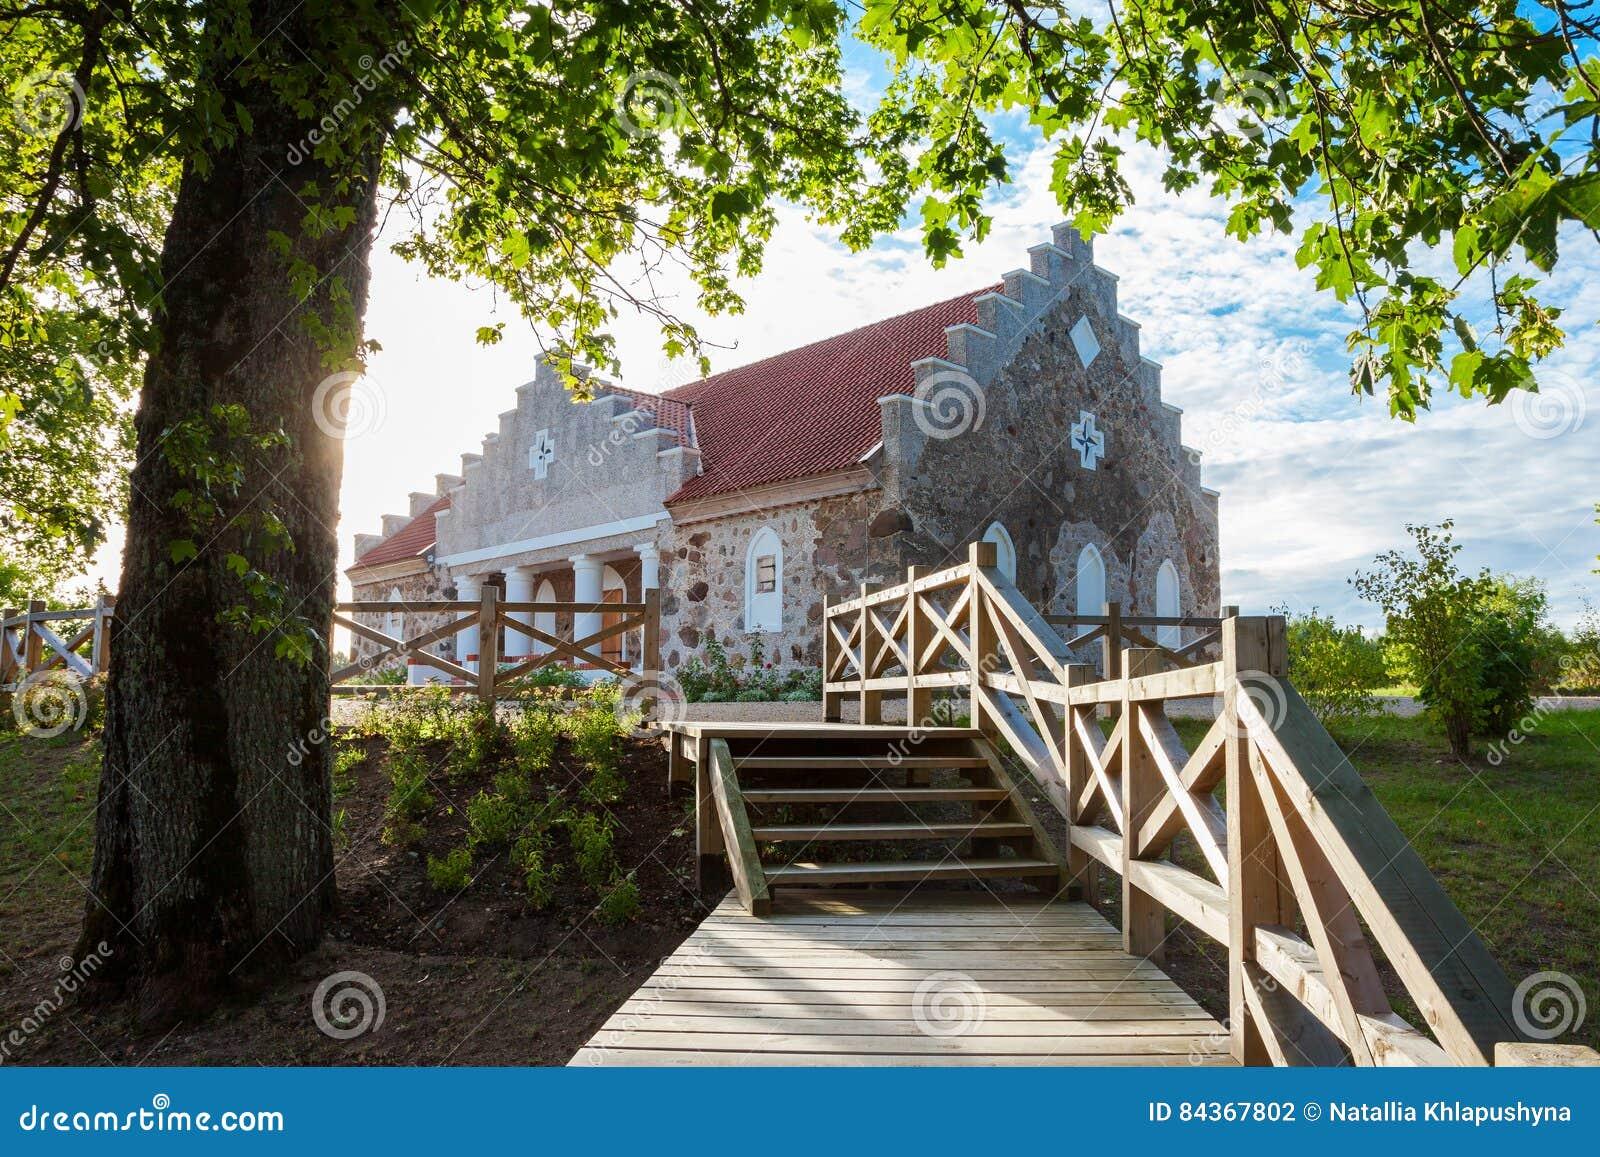 De bouw van Turaida-parochietijdschrift dichtbij Sigulda, Letland